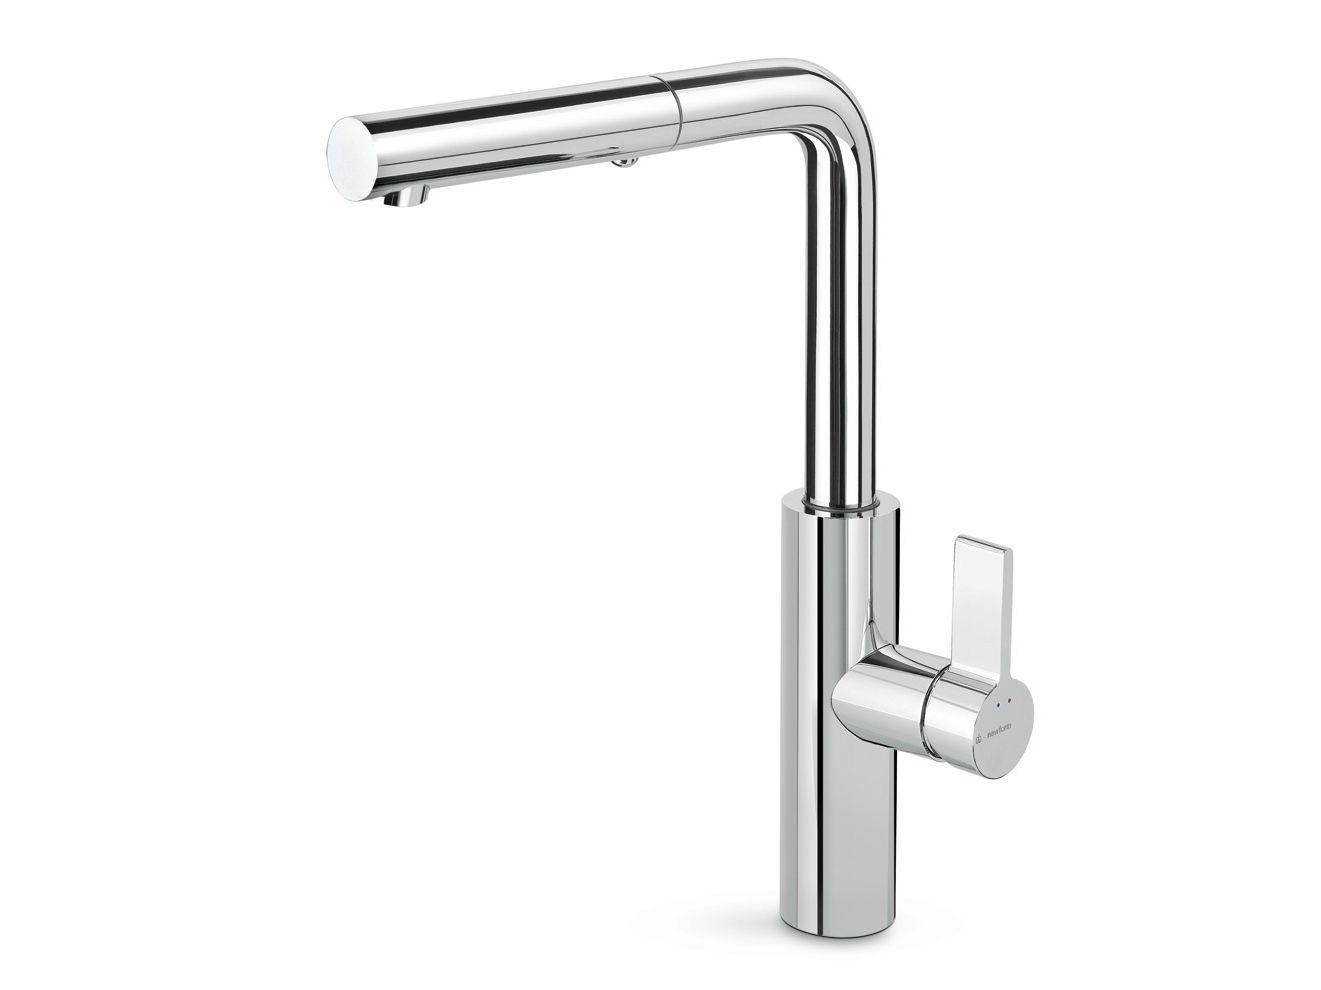 Libera kitchen miscelatore da cucina con doccetta estraibile by newform for Ikea rubinetti cucina